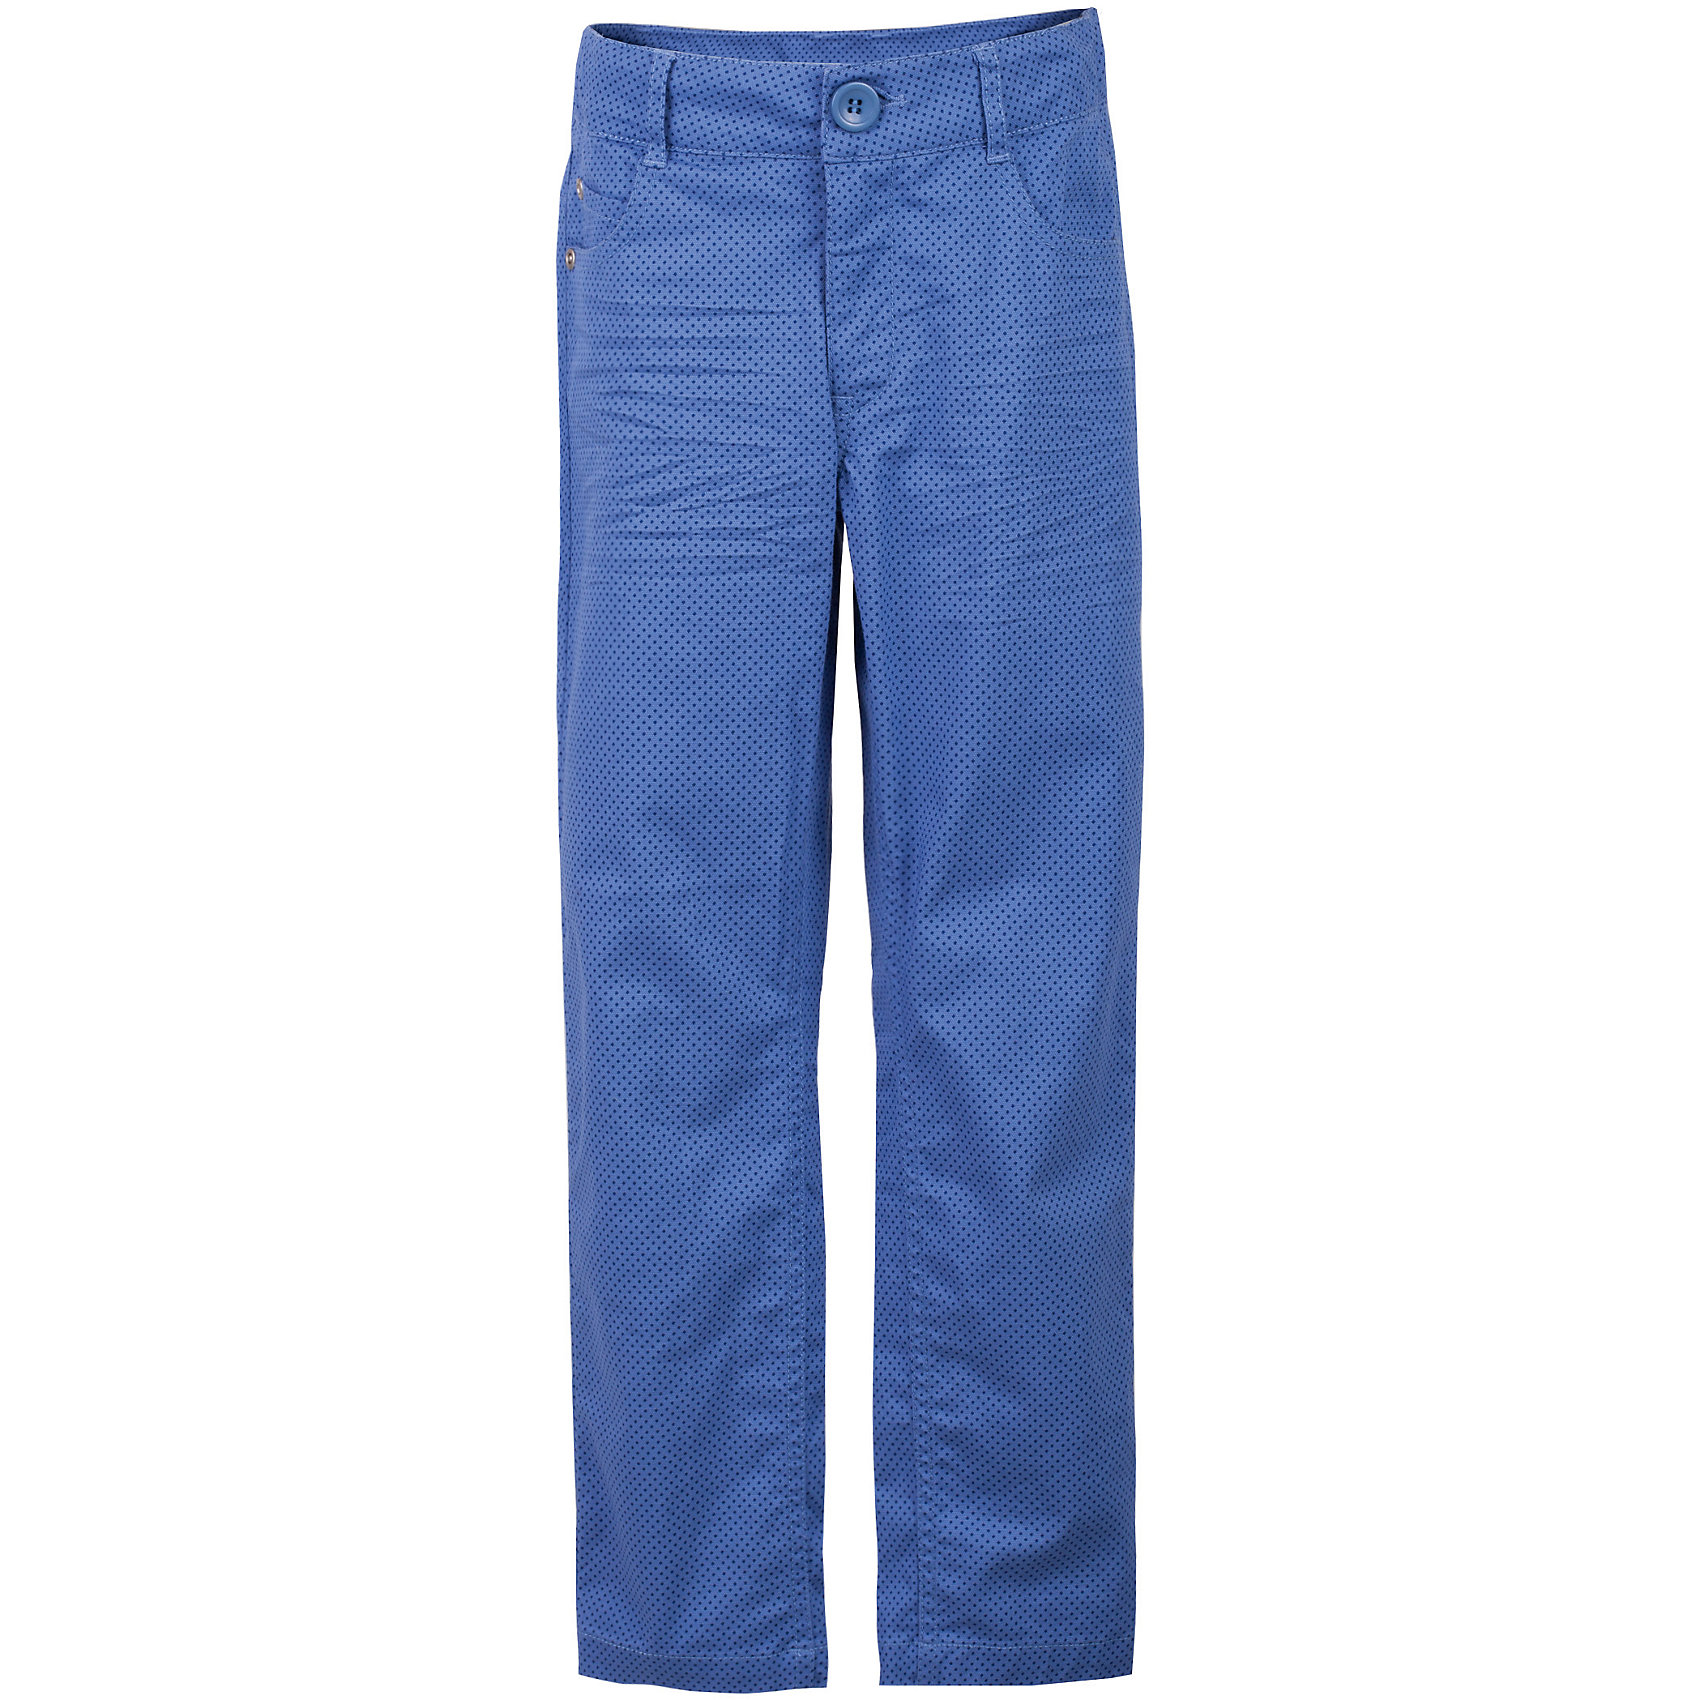 Брюки для мальчика GulliverБрюки<br>Несмотря на то, что джинсы по-прежнему занимают в гардеробе ребенка лидирующее место, текстильные брюки для мальчика никто не отменял! Везде, где джинсы неуместны или просто хочется разнообразия,  оригинальные голубые брюки  помогут создать прекрасный look. Модный мелкий рисунок придает модели особый шарм. Темно-голубой  цвет выглядит нарядно, благородно, изысканно! Если вы хотите купить детские брюки, которые подчеркнут стиль и индивидуальность вашего ребенка, эти классные брюки для мальчика с фирменной брендированной фурнитурой - лучшее решение для модного лета!<br>Состав:<br>98% хлопок      2% эластан<br><br>Ширина мм: 215<br>Глубина мм: 88<br>Высота мм: 191<br>Вес г: 336<br>Цвет: голубой<br>Возраст от месяцев: 108<br>Возраст до месяцев: 120<br>Пол: Мужской<br>Возраст: Детский<br>Размер: 140,122,128,134<br>SKU: 5482975